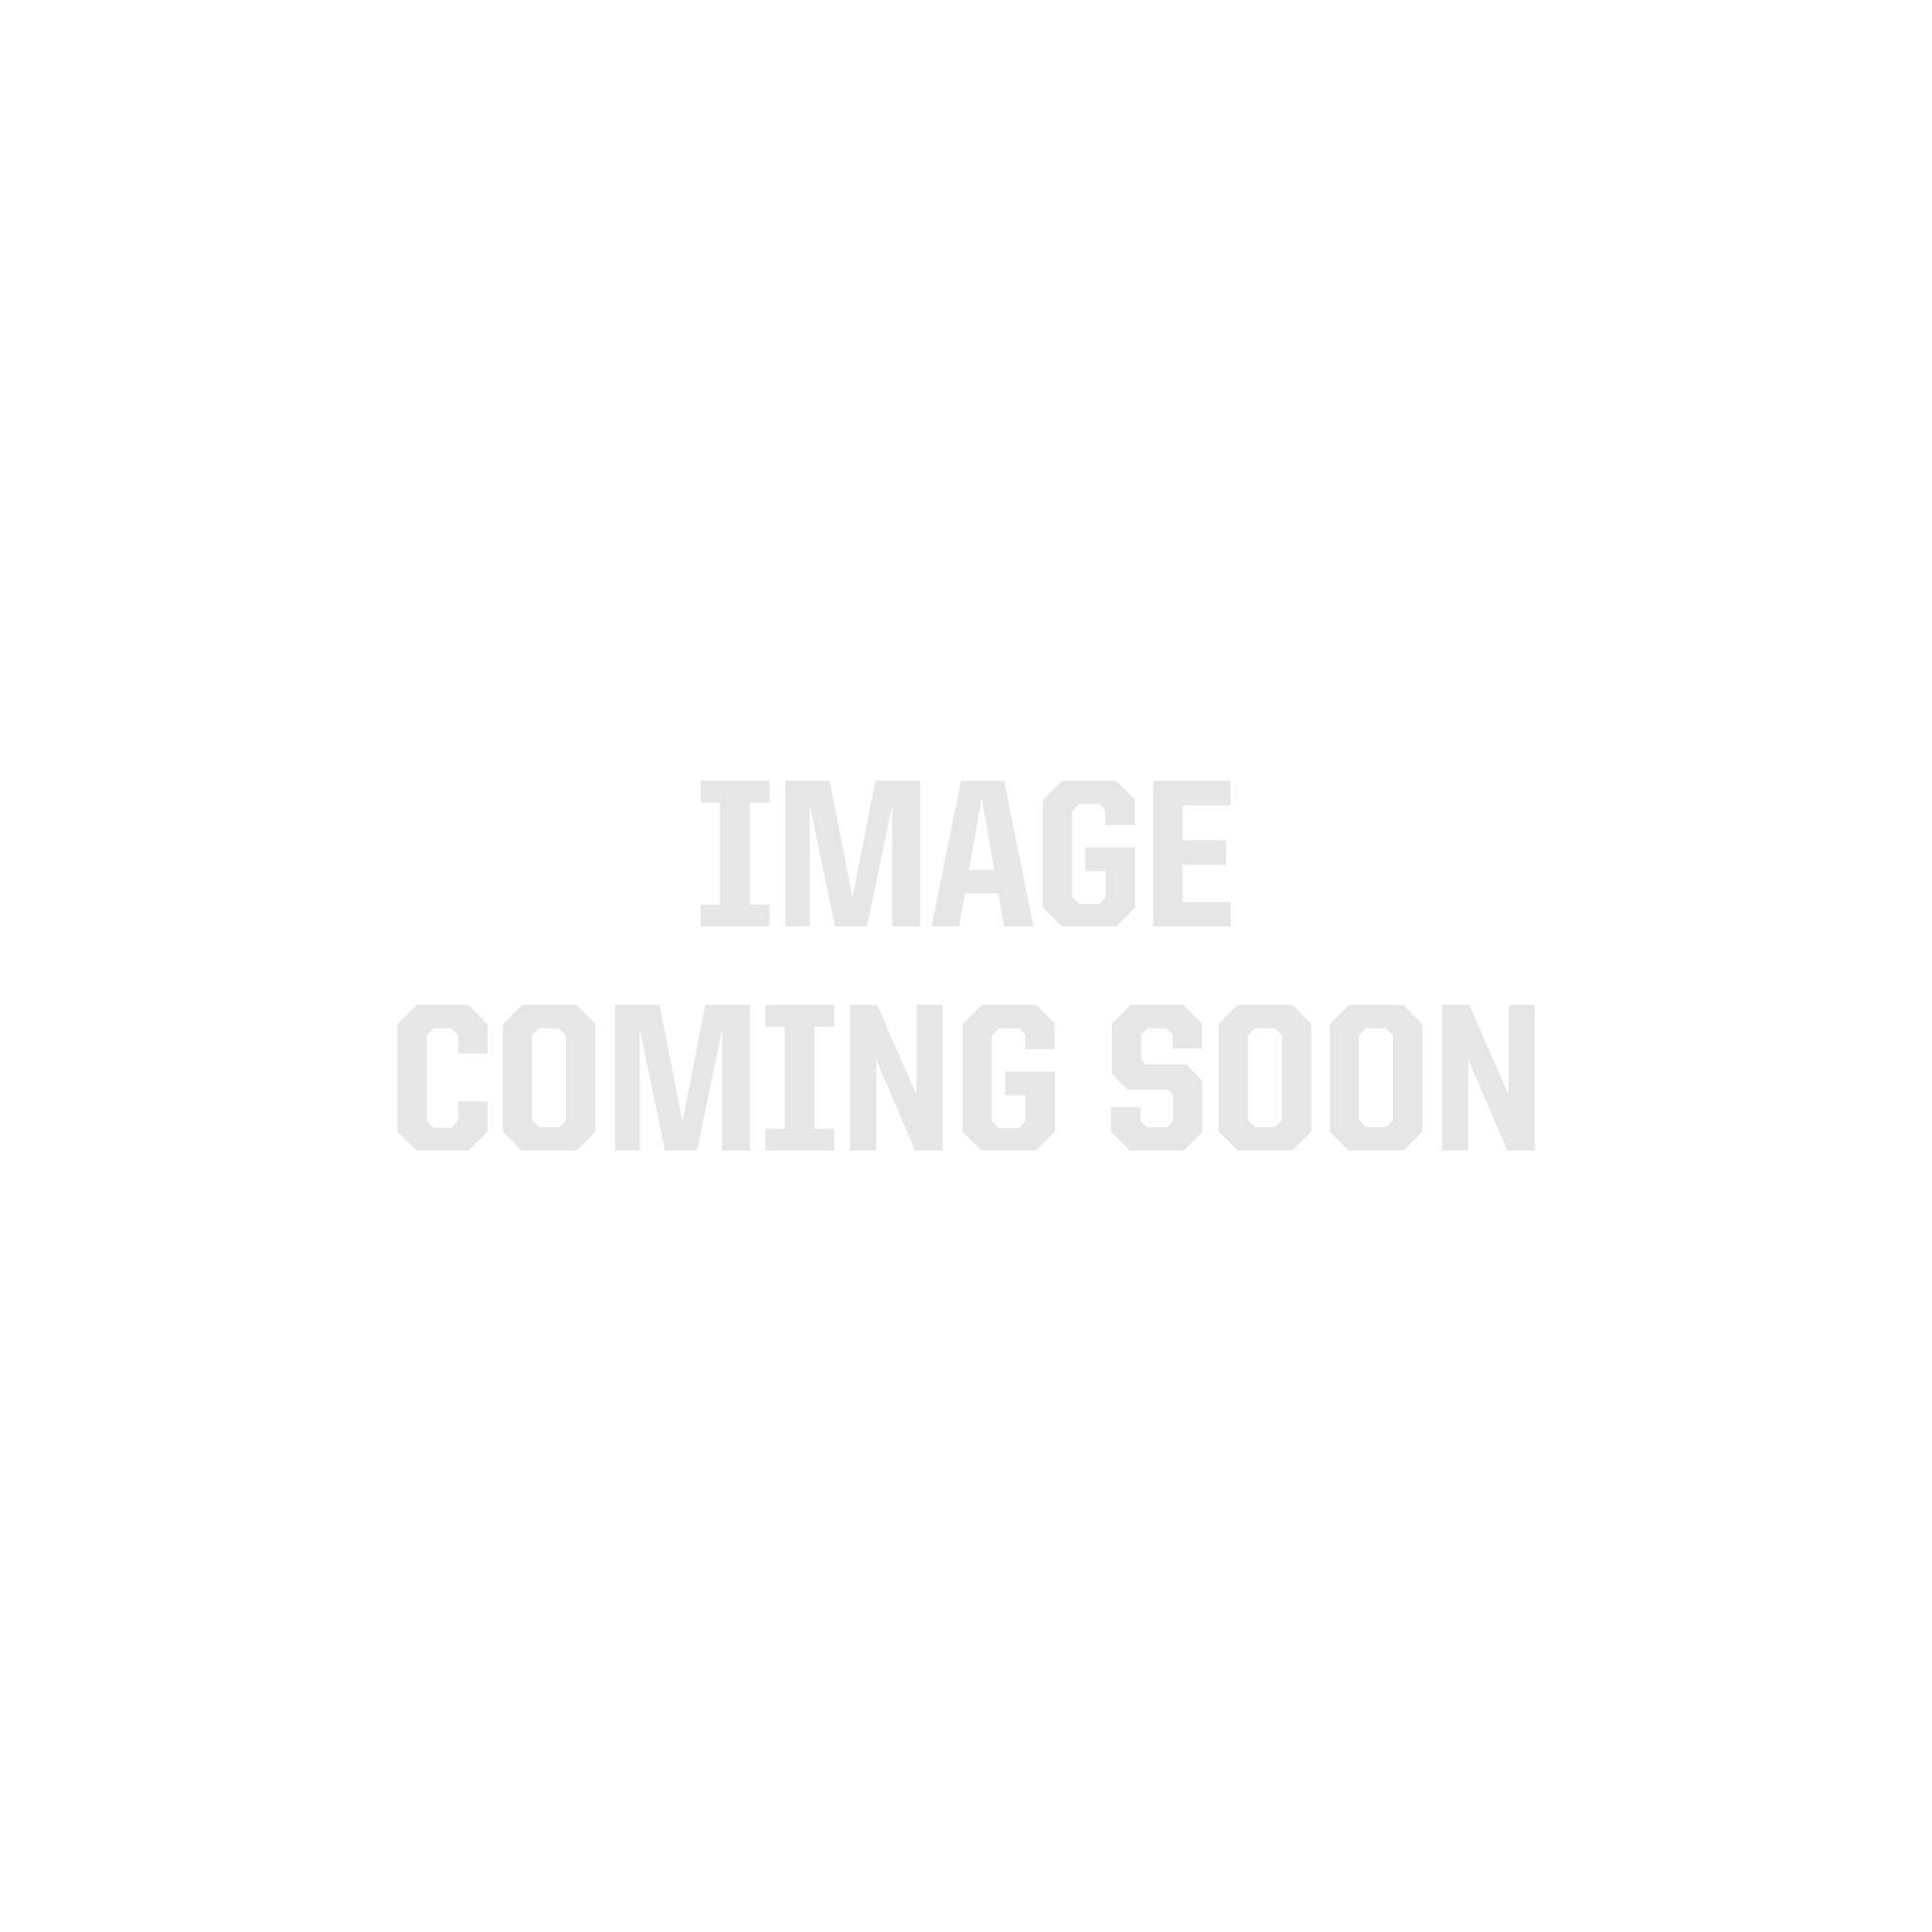 HEXGRID 12X9 Gear Set